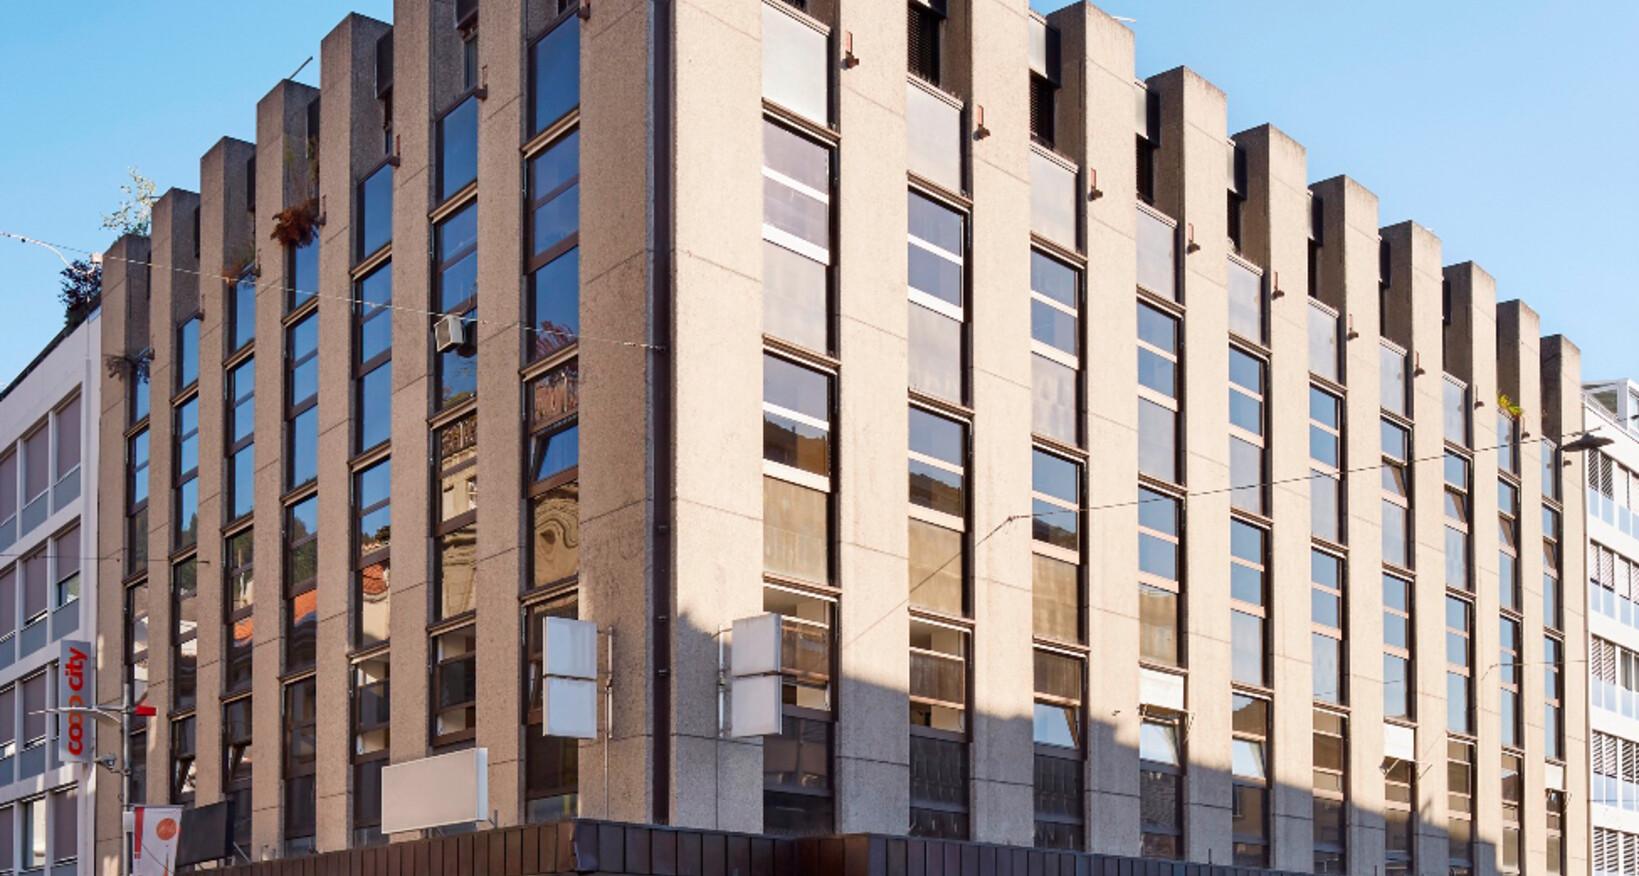 New office.ch bureaux modernes et développés avec 210 m2 emplacement